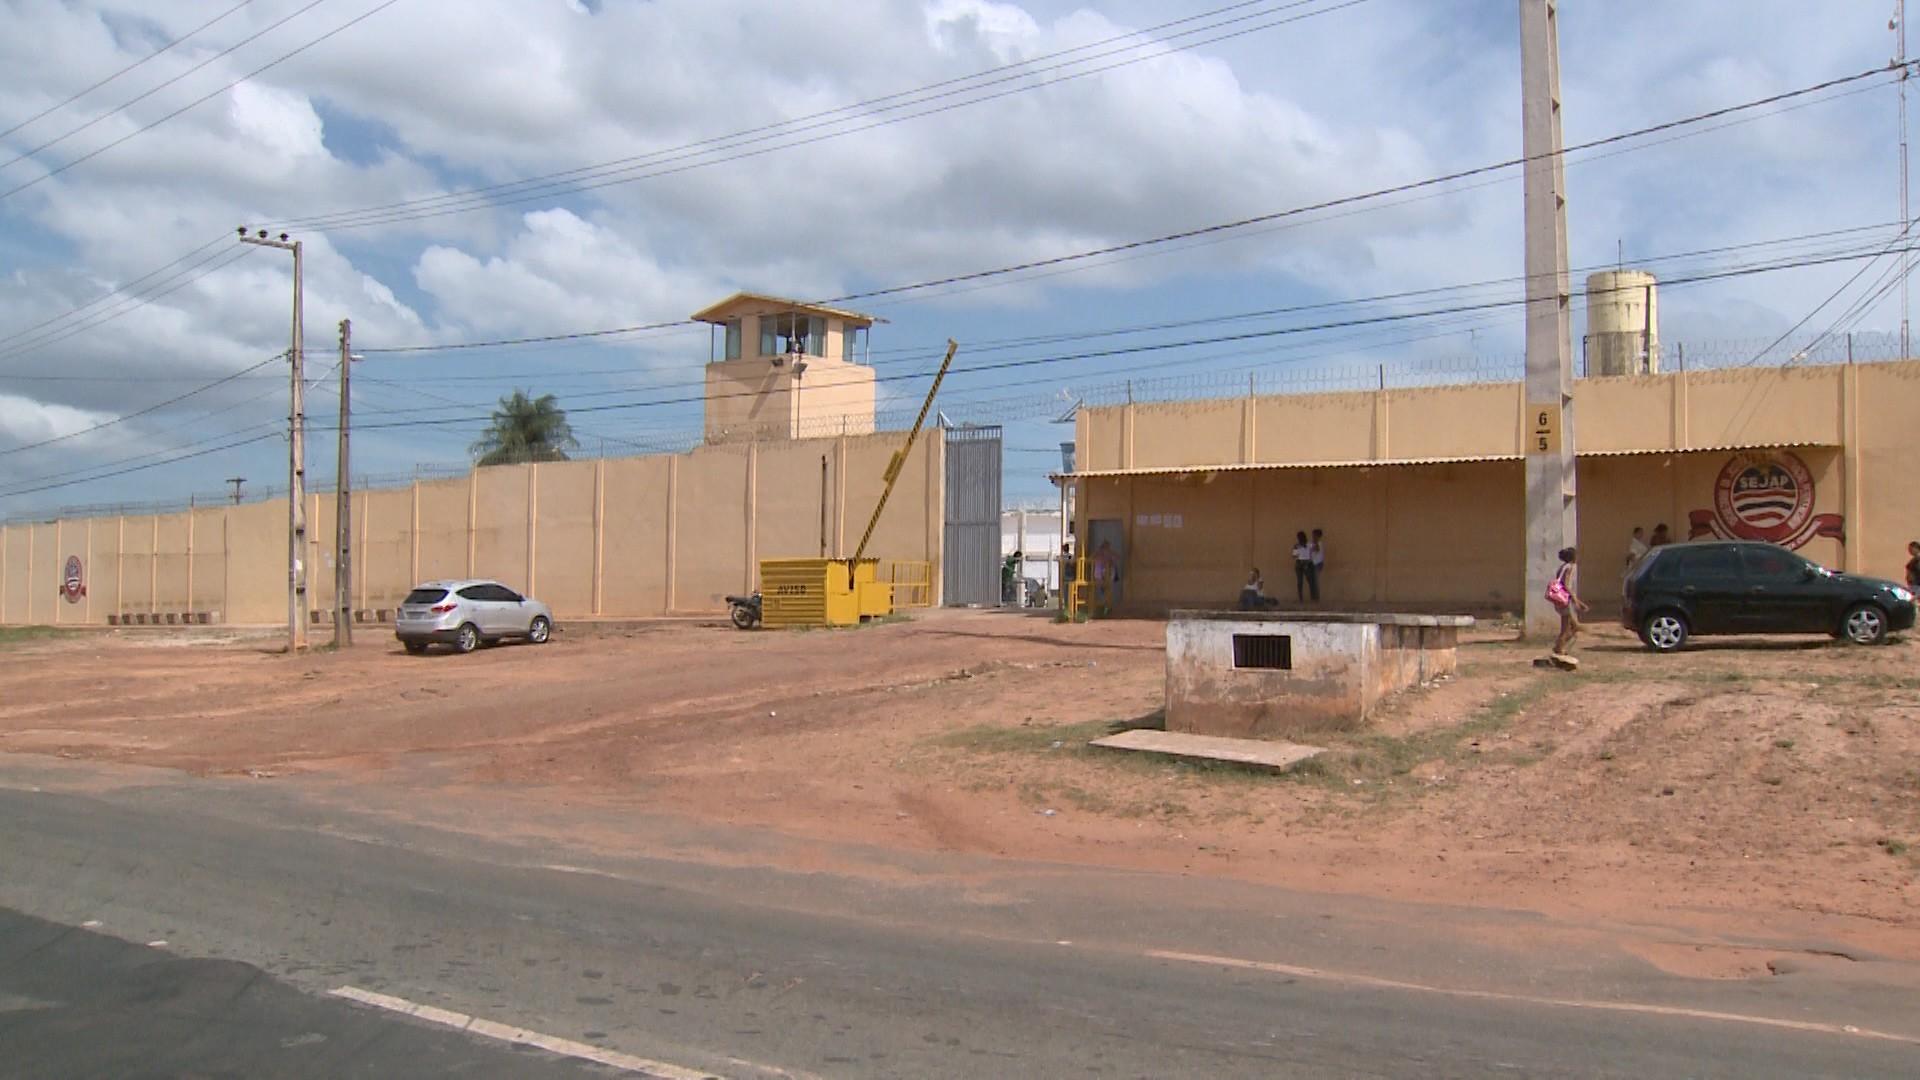 Mesmo em pandemia, Justiça libera 849 presos para saída temporária de Dia dos Pais no Maranhão